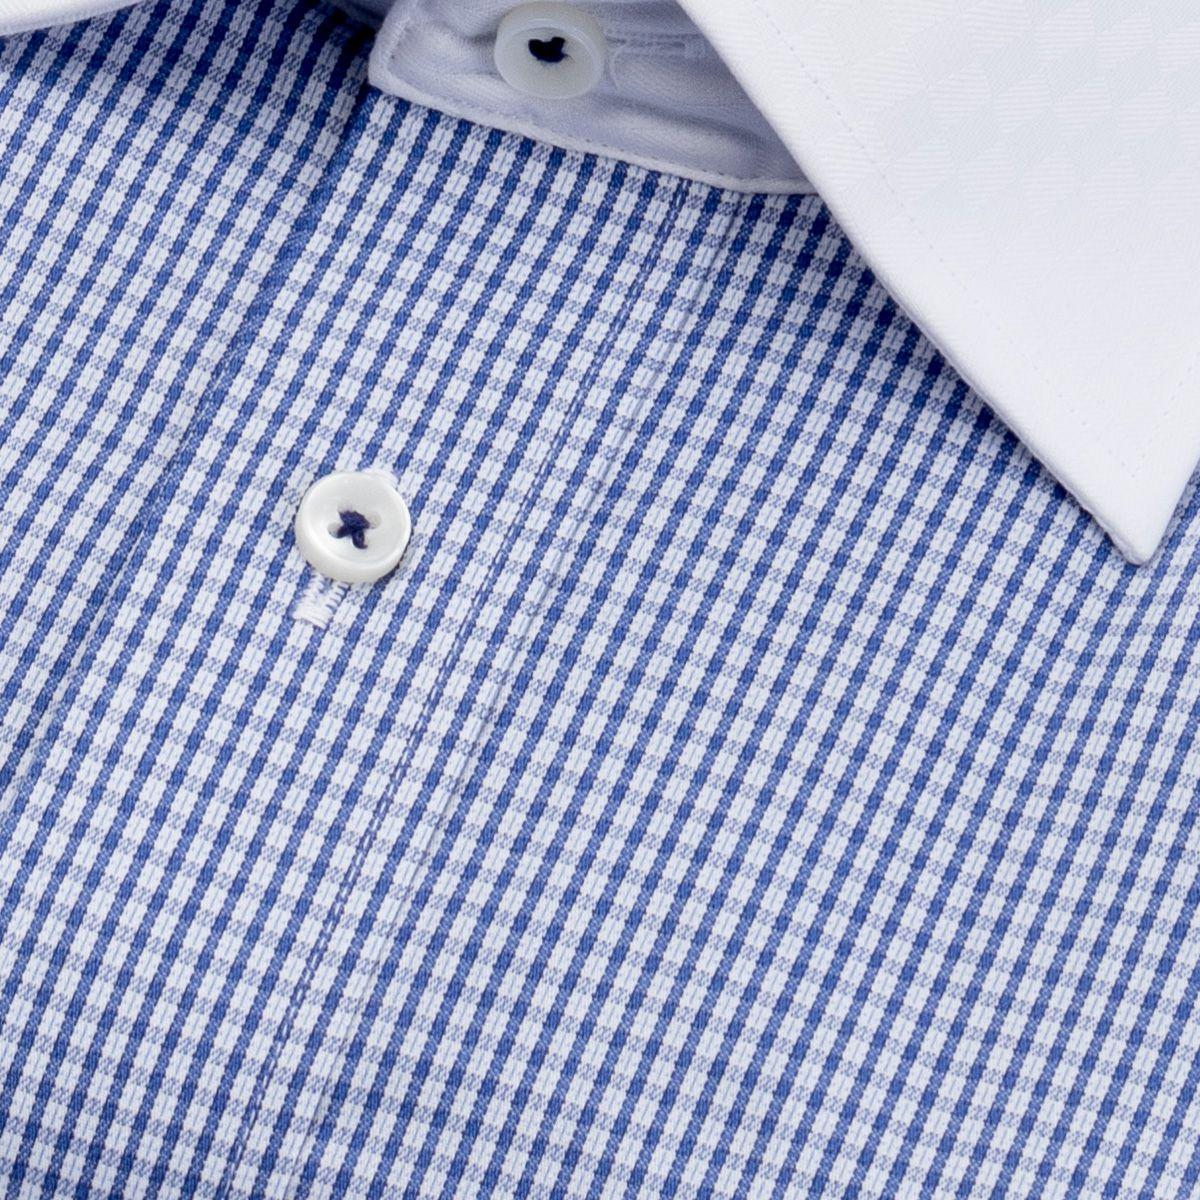 ピタッポ・形態安定 クレリックワイド ワイシャツ 長袖 【altblow classic】